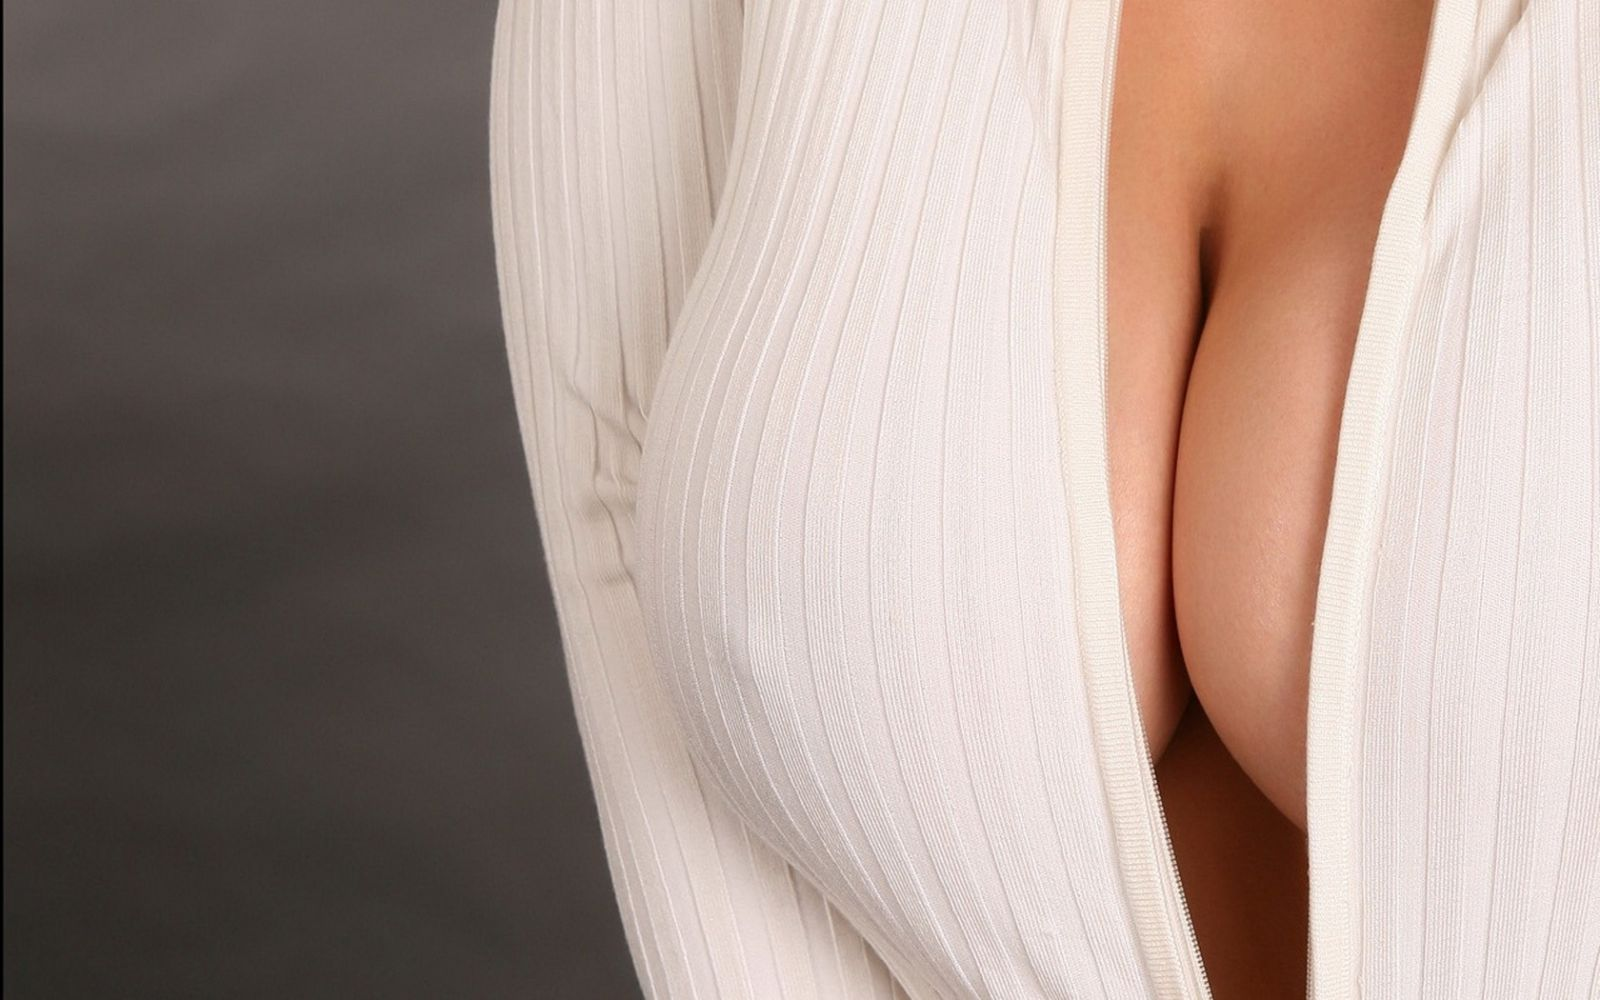 Фотосессия грудей девушки